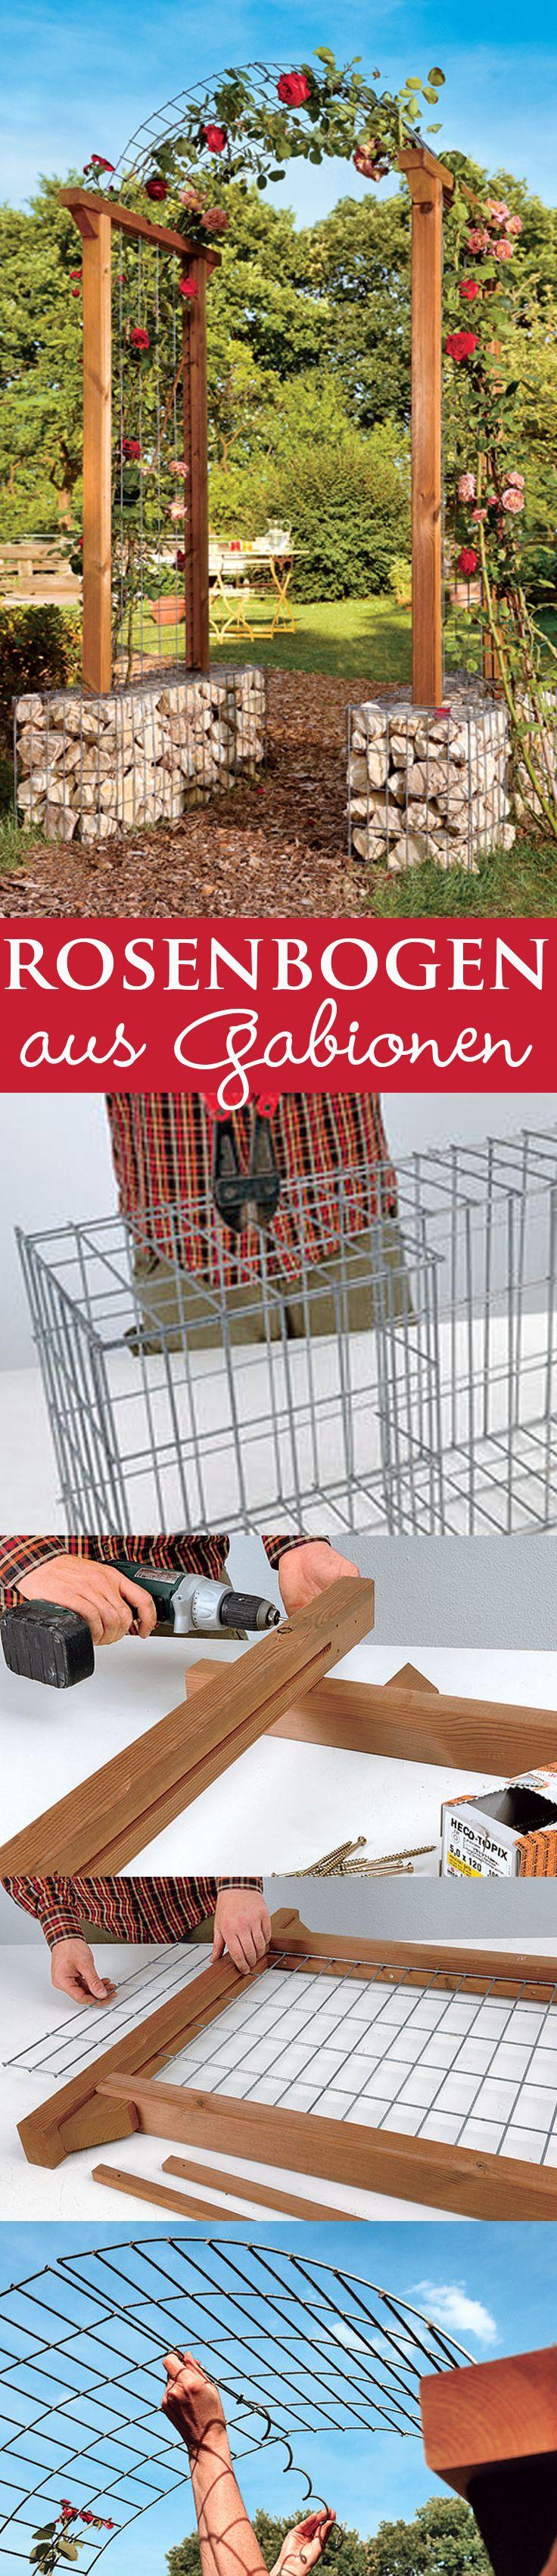 1000+ Images About Garten On Pinterest Brombeeren Pflanzen Und Schneiden Pflegetipps Fur Hobby Gartner